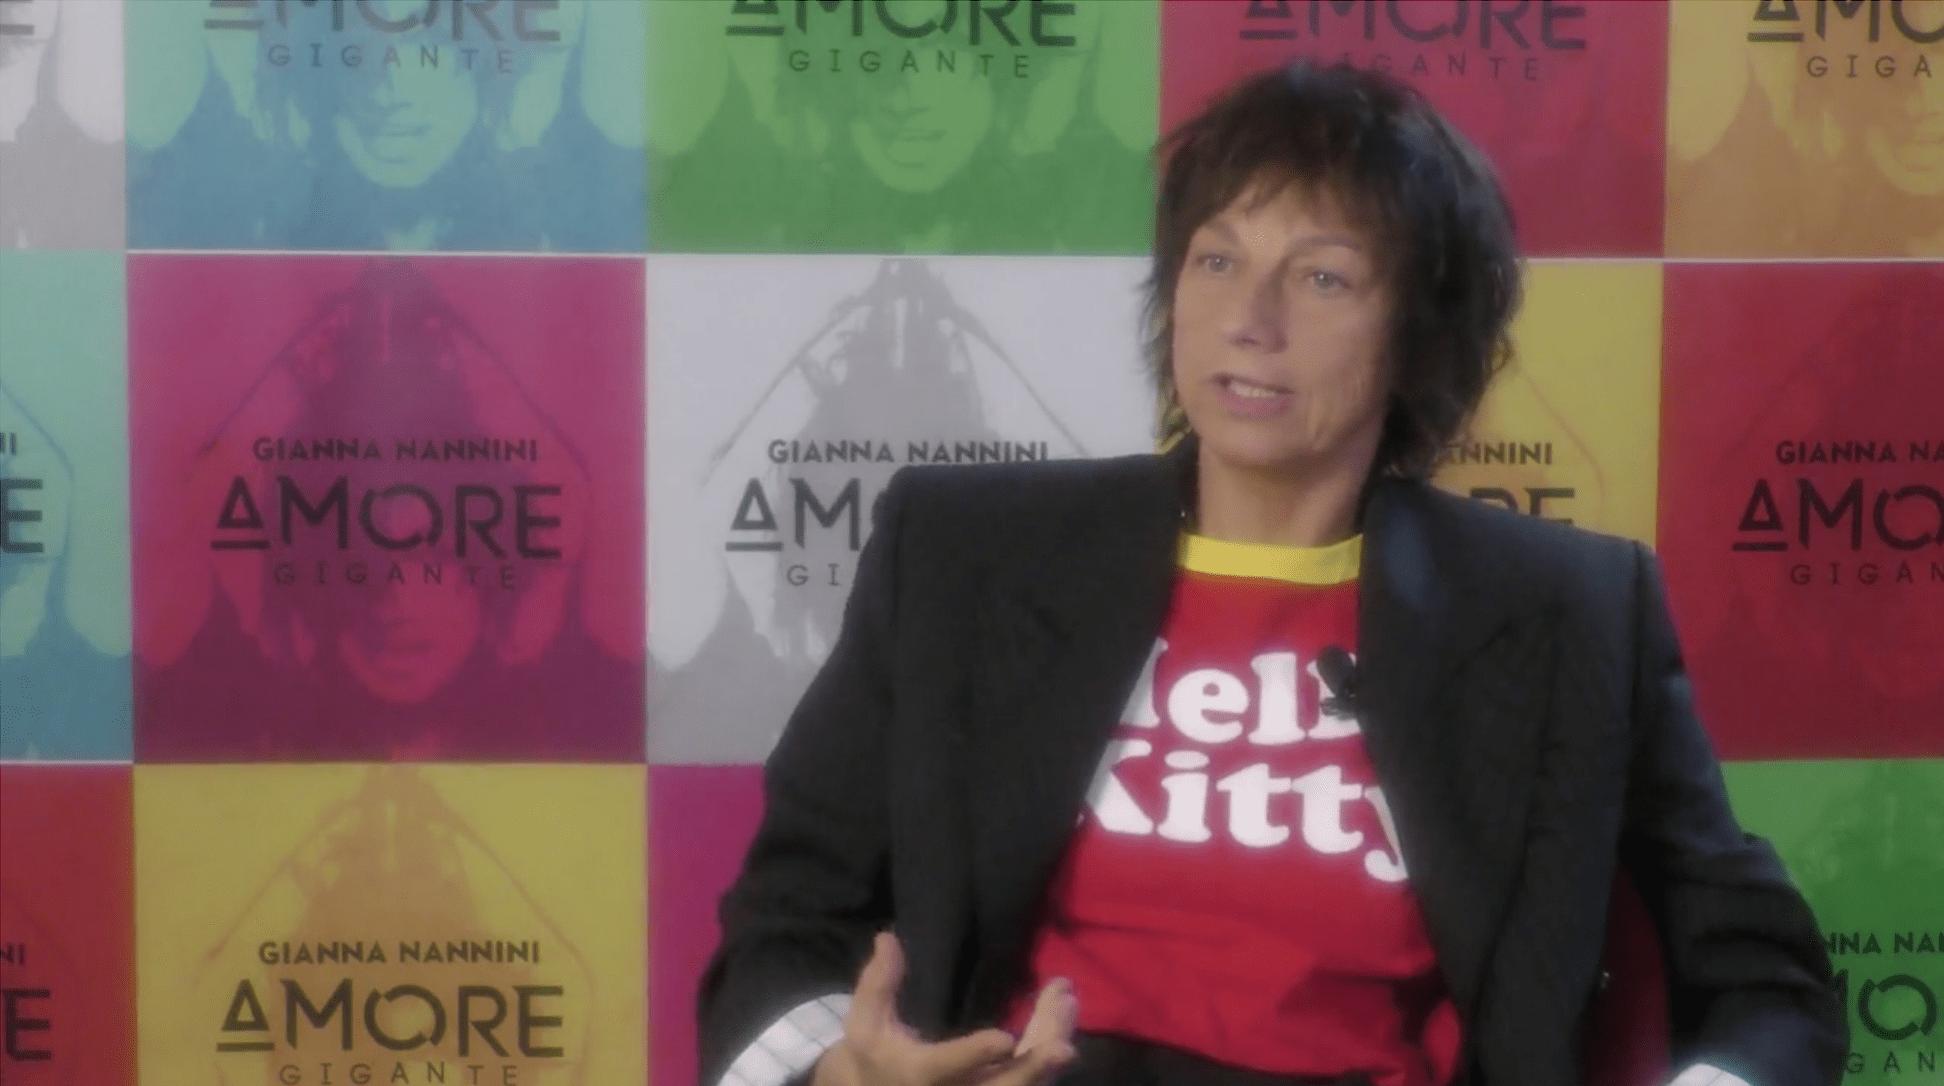 'Amore Gigante', Gianna Nannini pubblica il nuovo album: 'Amplifica tutti i tipi di amore'